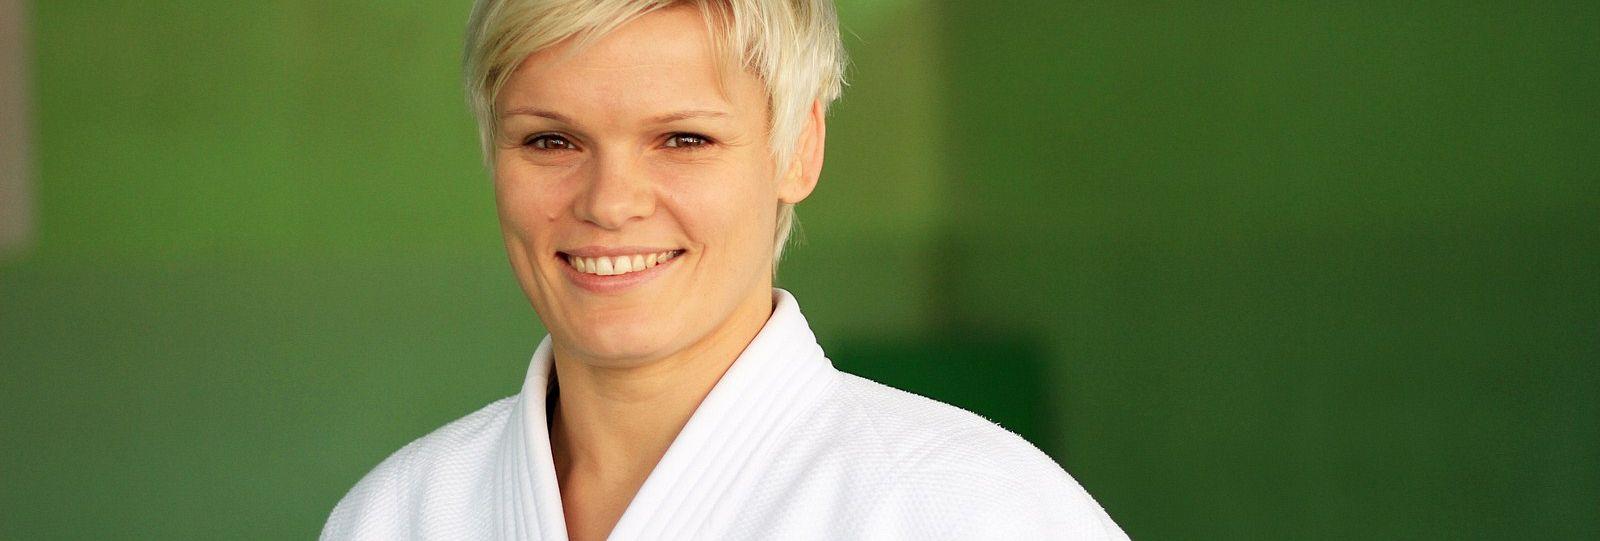 Urška Žolnir, olimpijska prvakinja